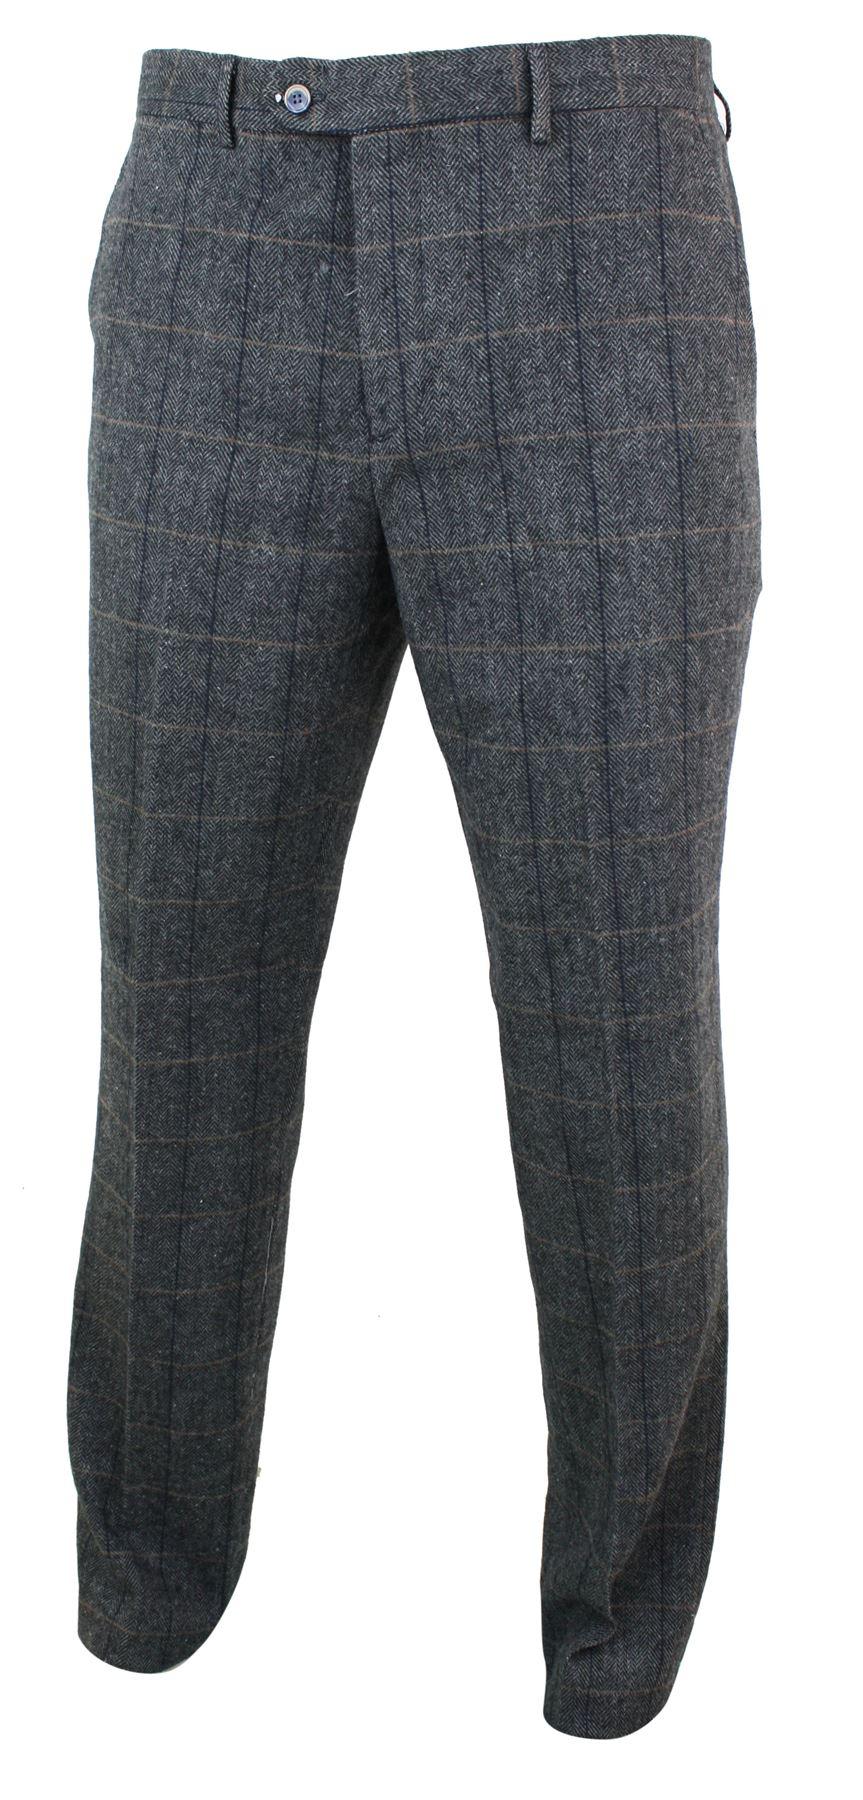 Mélangée Rétro Pantalon Vintage Peaky Laine Tweed Homme Carreaux BnB6wfZq